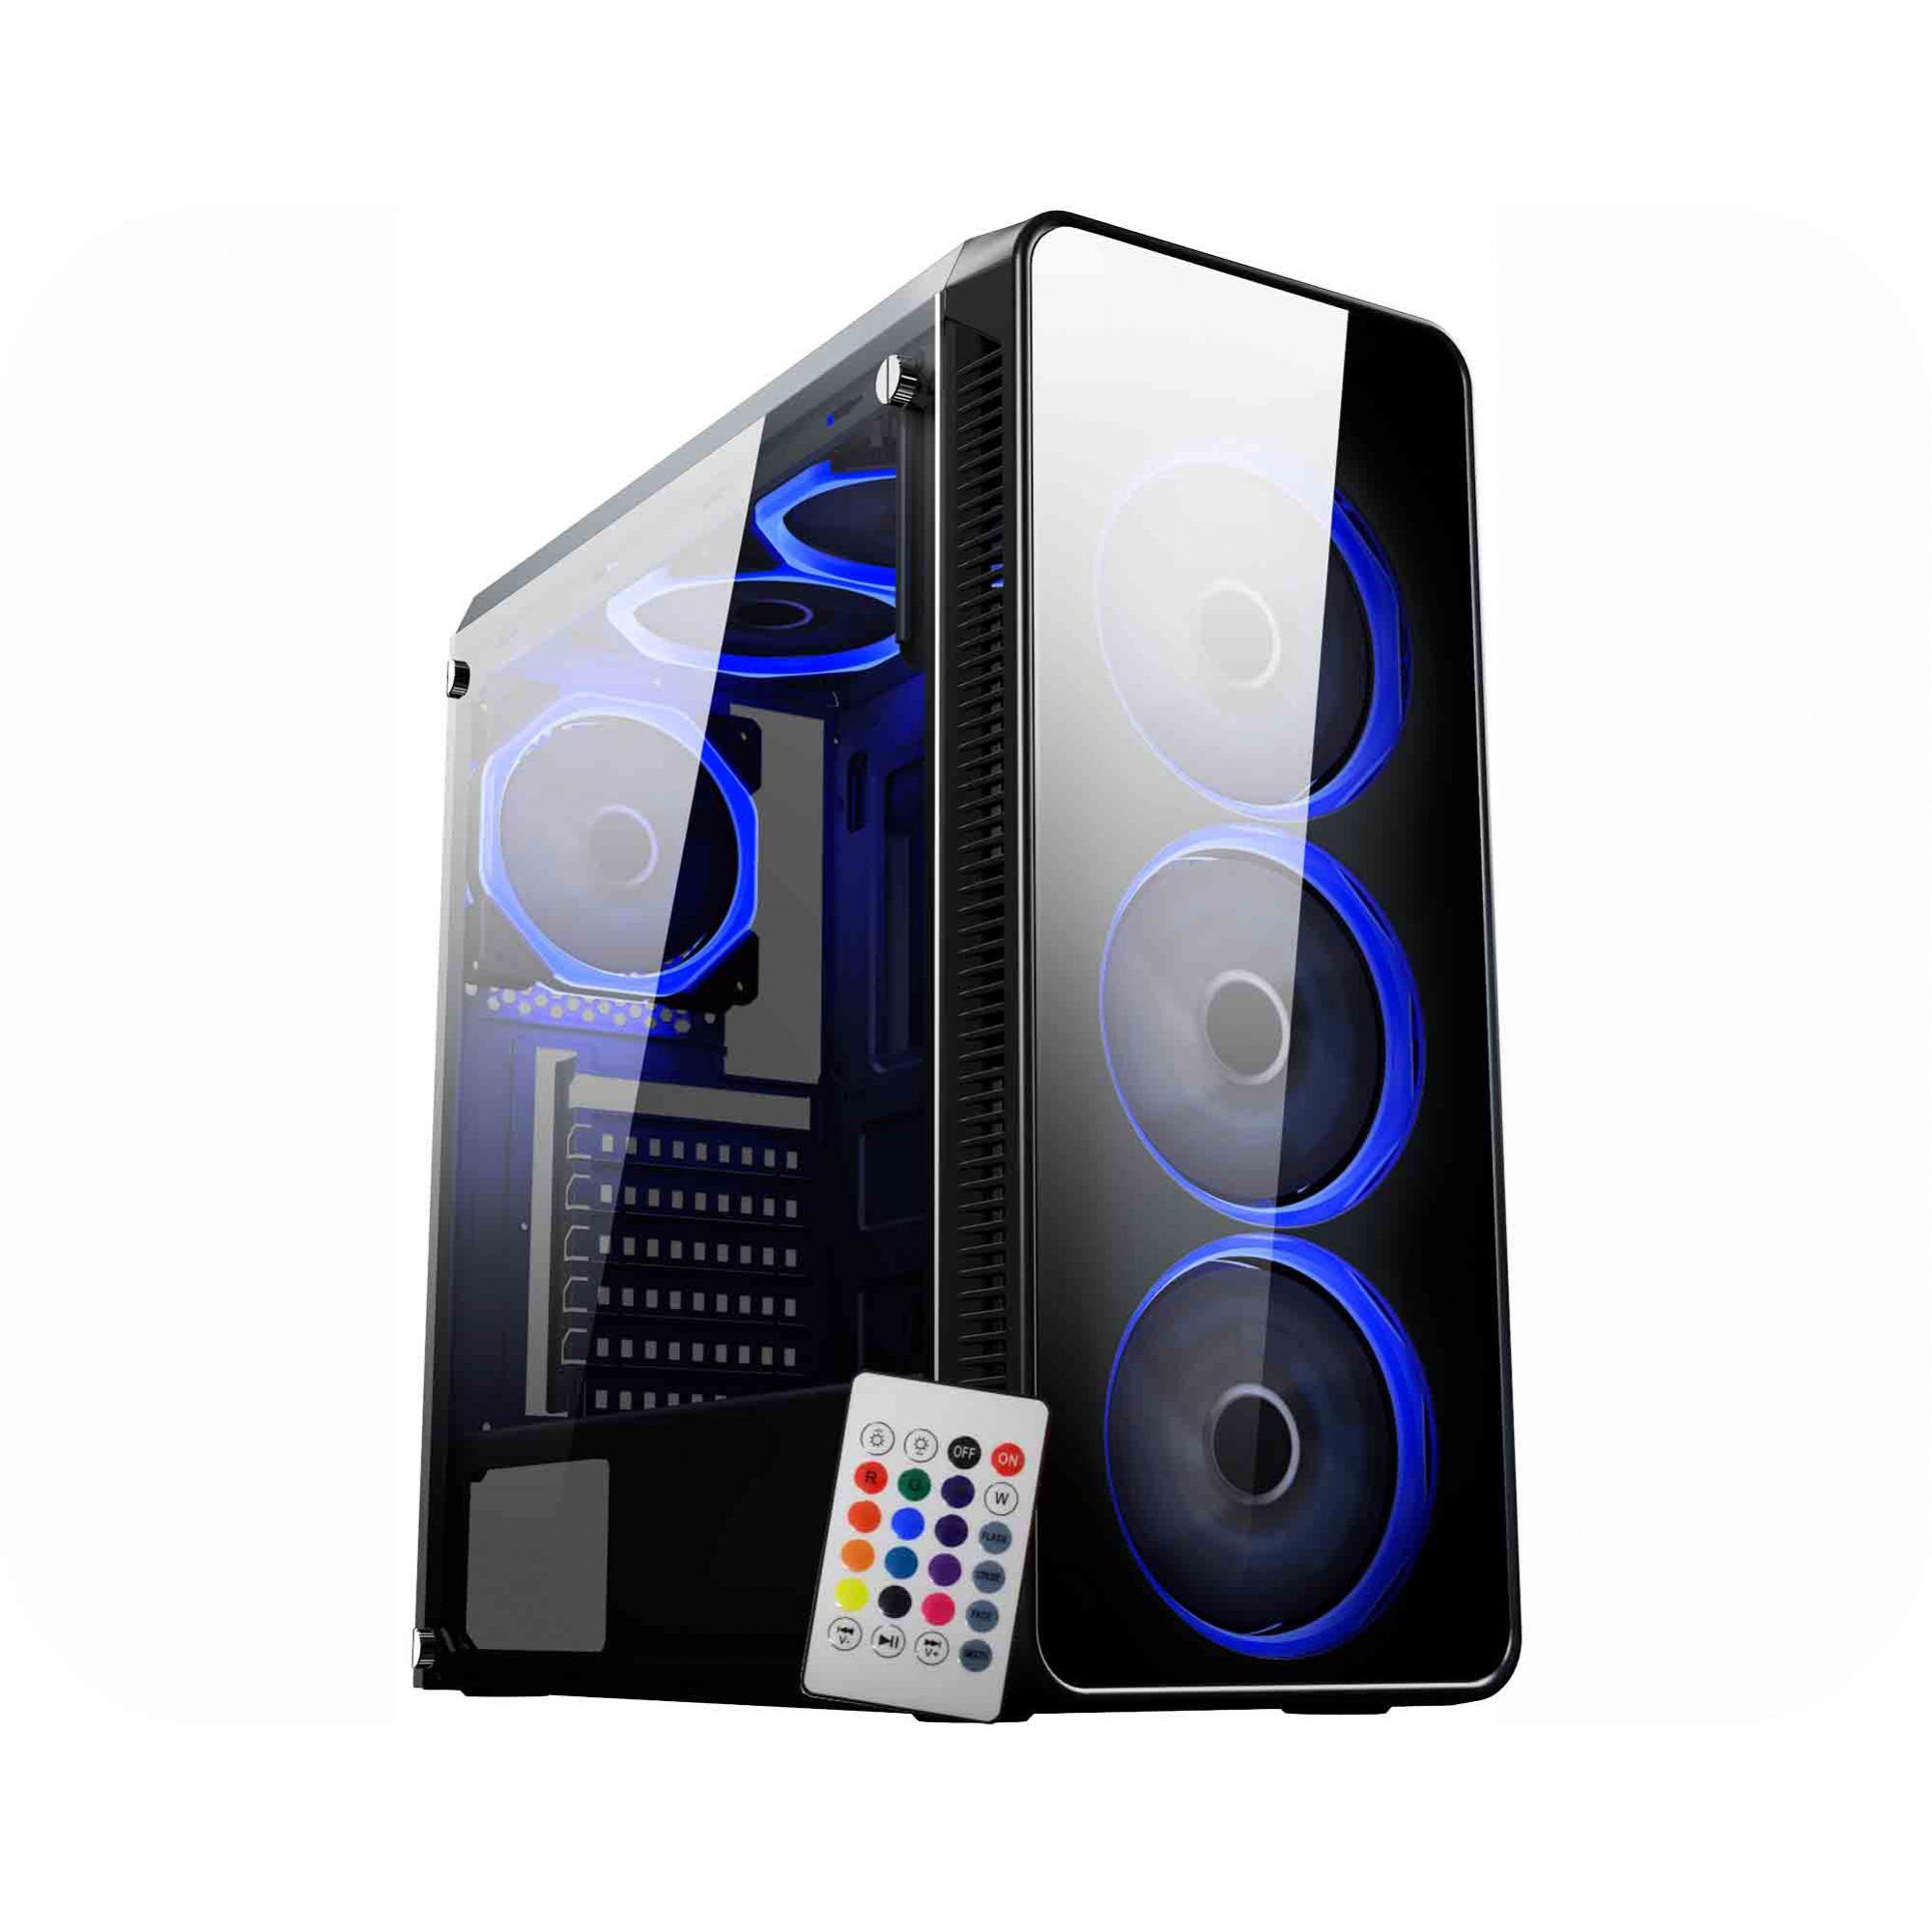 Computador Gamer R5 Monster - Ryzen 5 3600, Memória 8Gb Hyperx, HD 1TB, GTX1660Ti de 6GB, Fonte 500W 80 plus